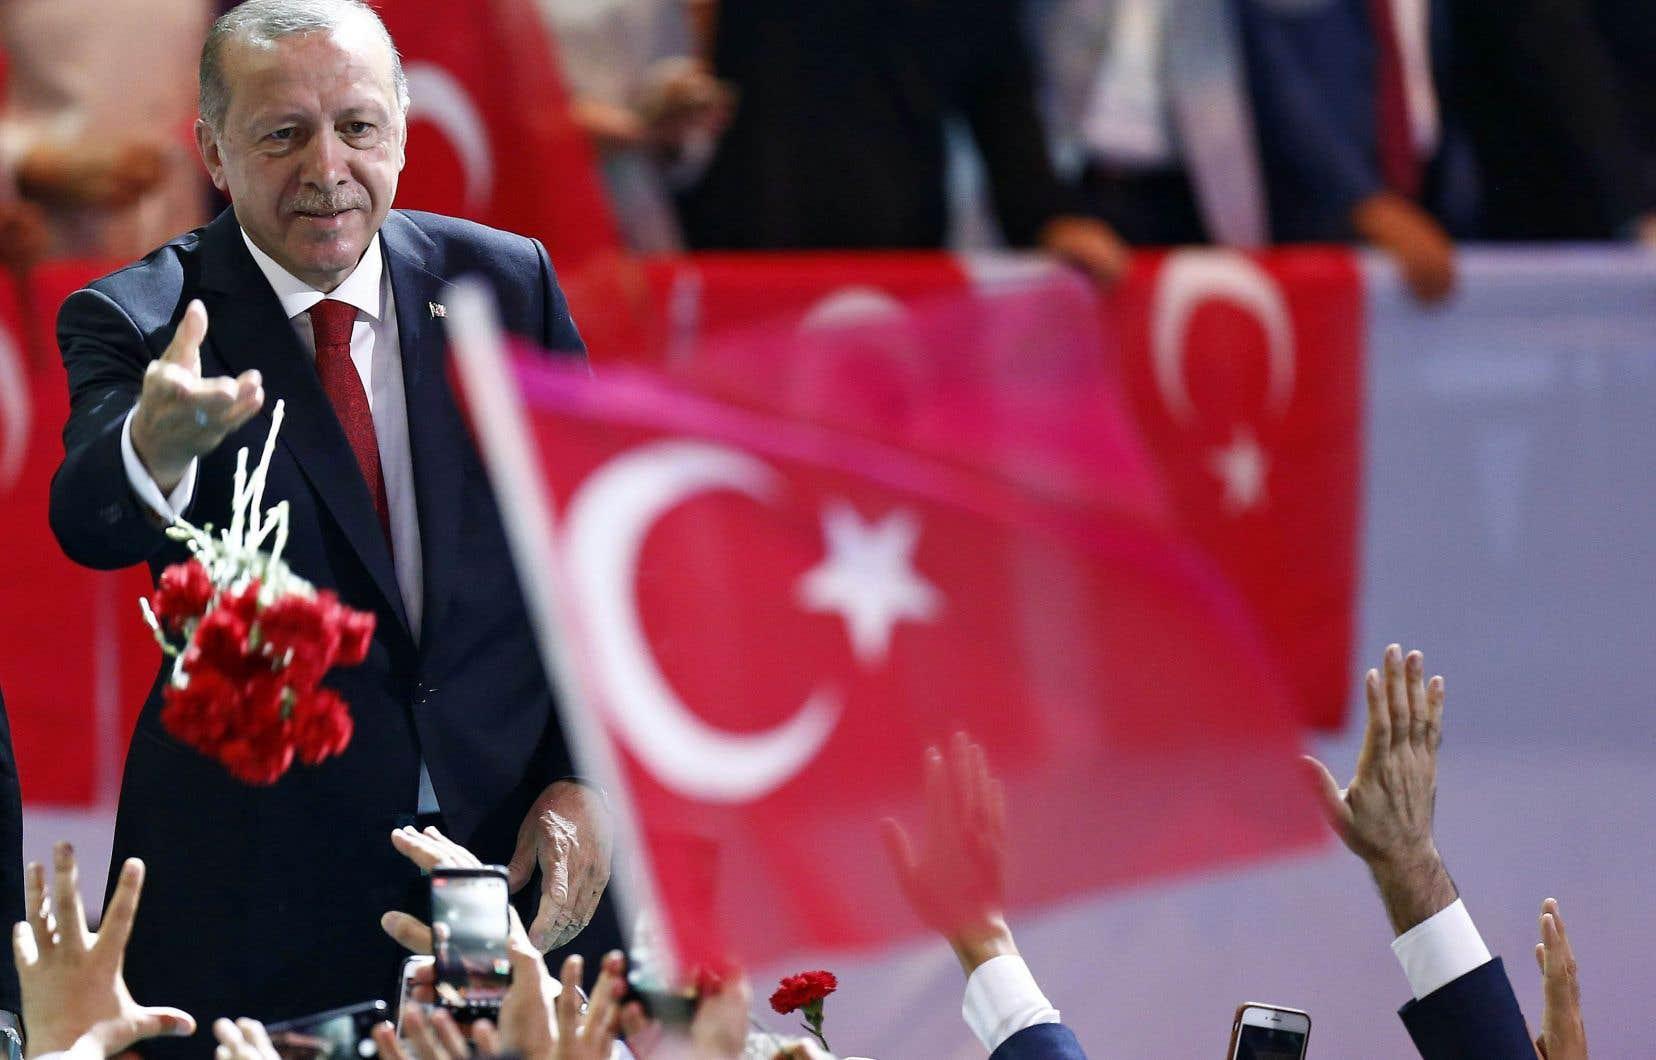 Le président turc, Recep Tayyip Erdogan, a lancé des fleurs à ses partisans avant de prononcer un discours au congrès de sa formation politique, le Parti de la justice et du développement, à Ankara le 18août dernier.